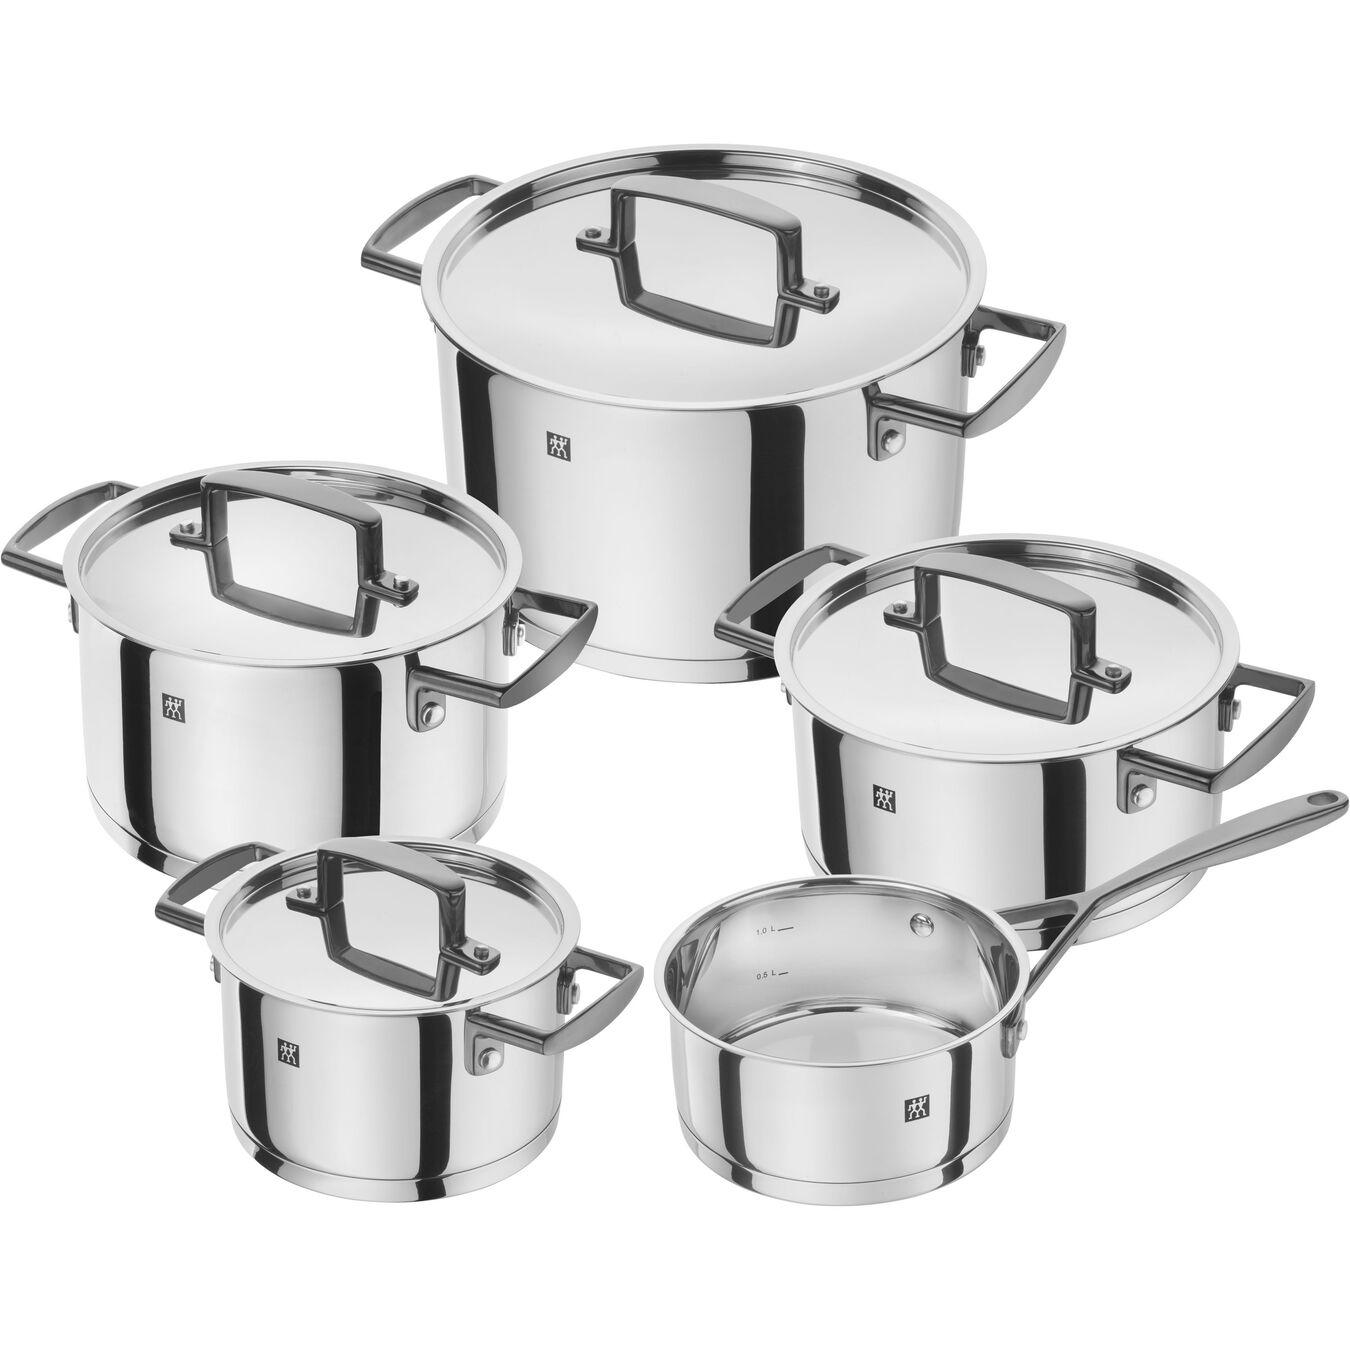 Ensemble de casseroles et poêles 5-pcs, Inox 18/10,,large 1